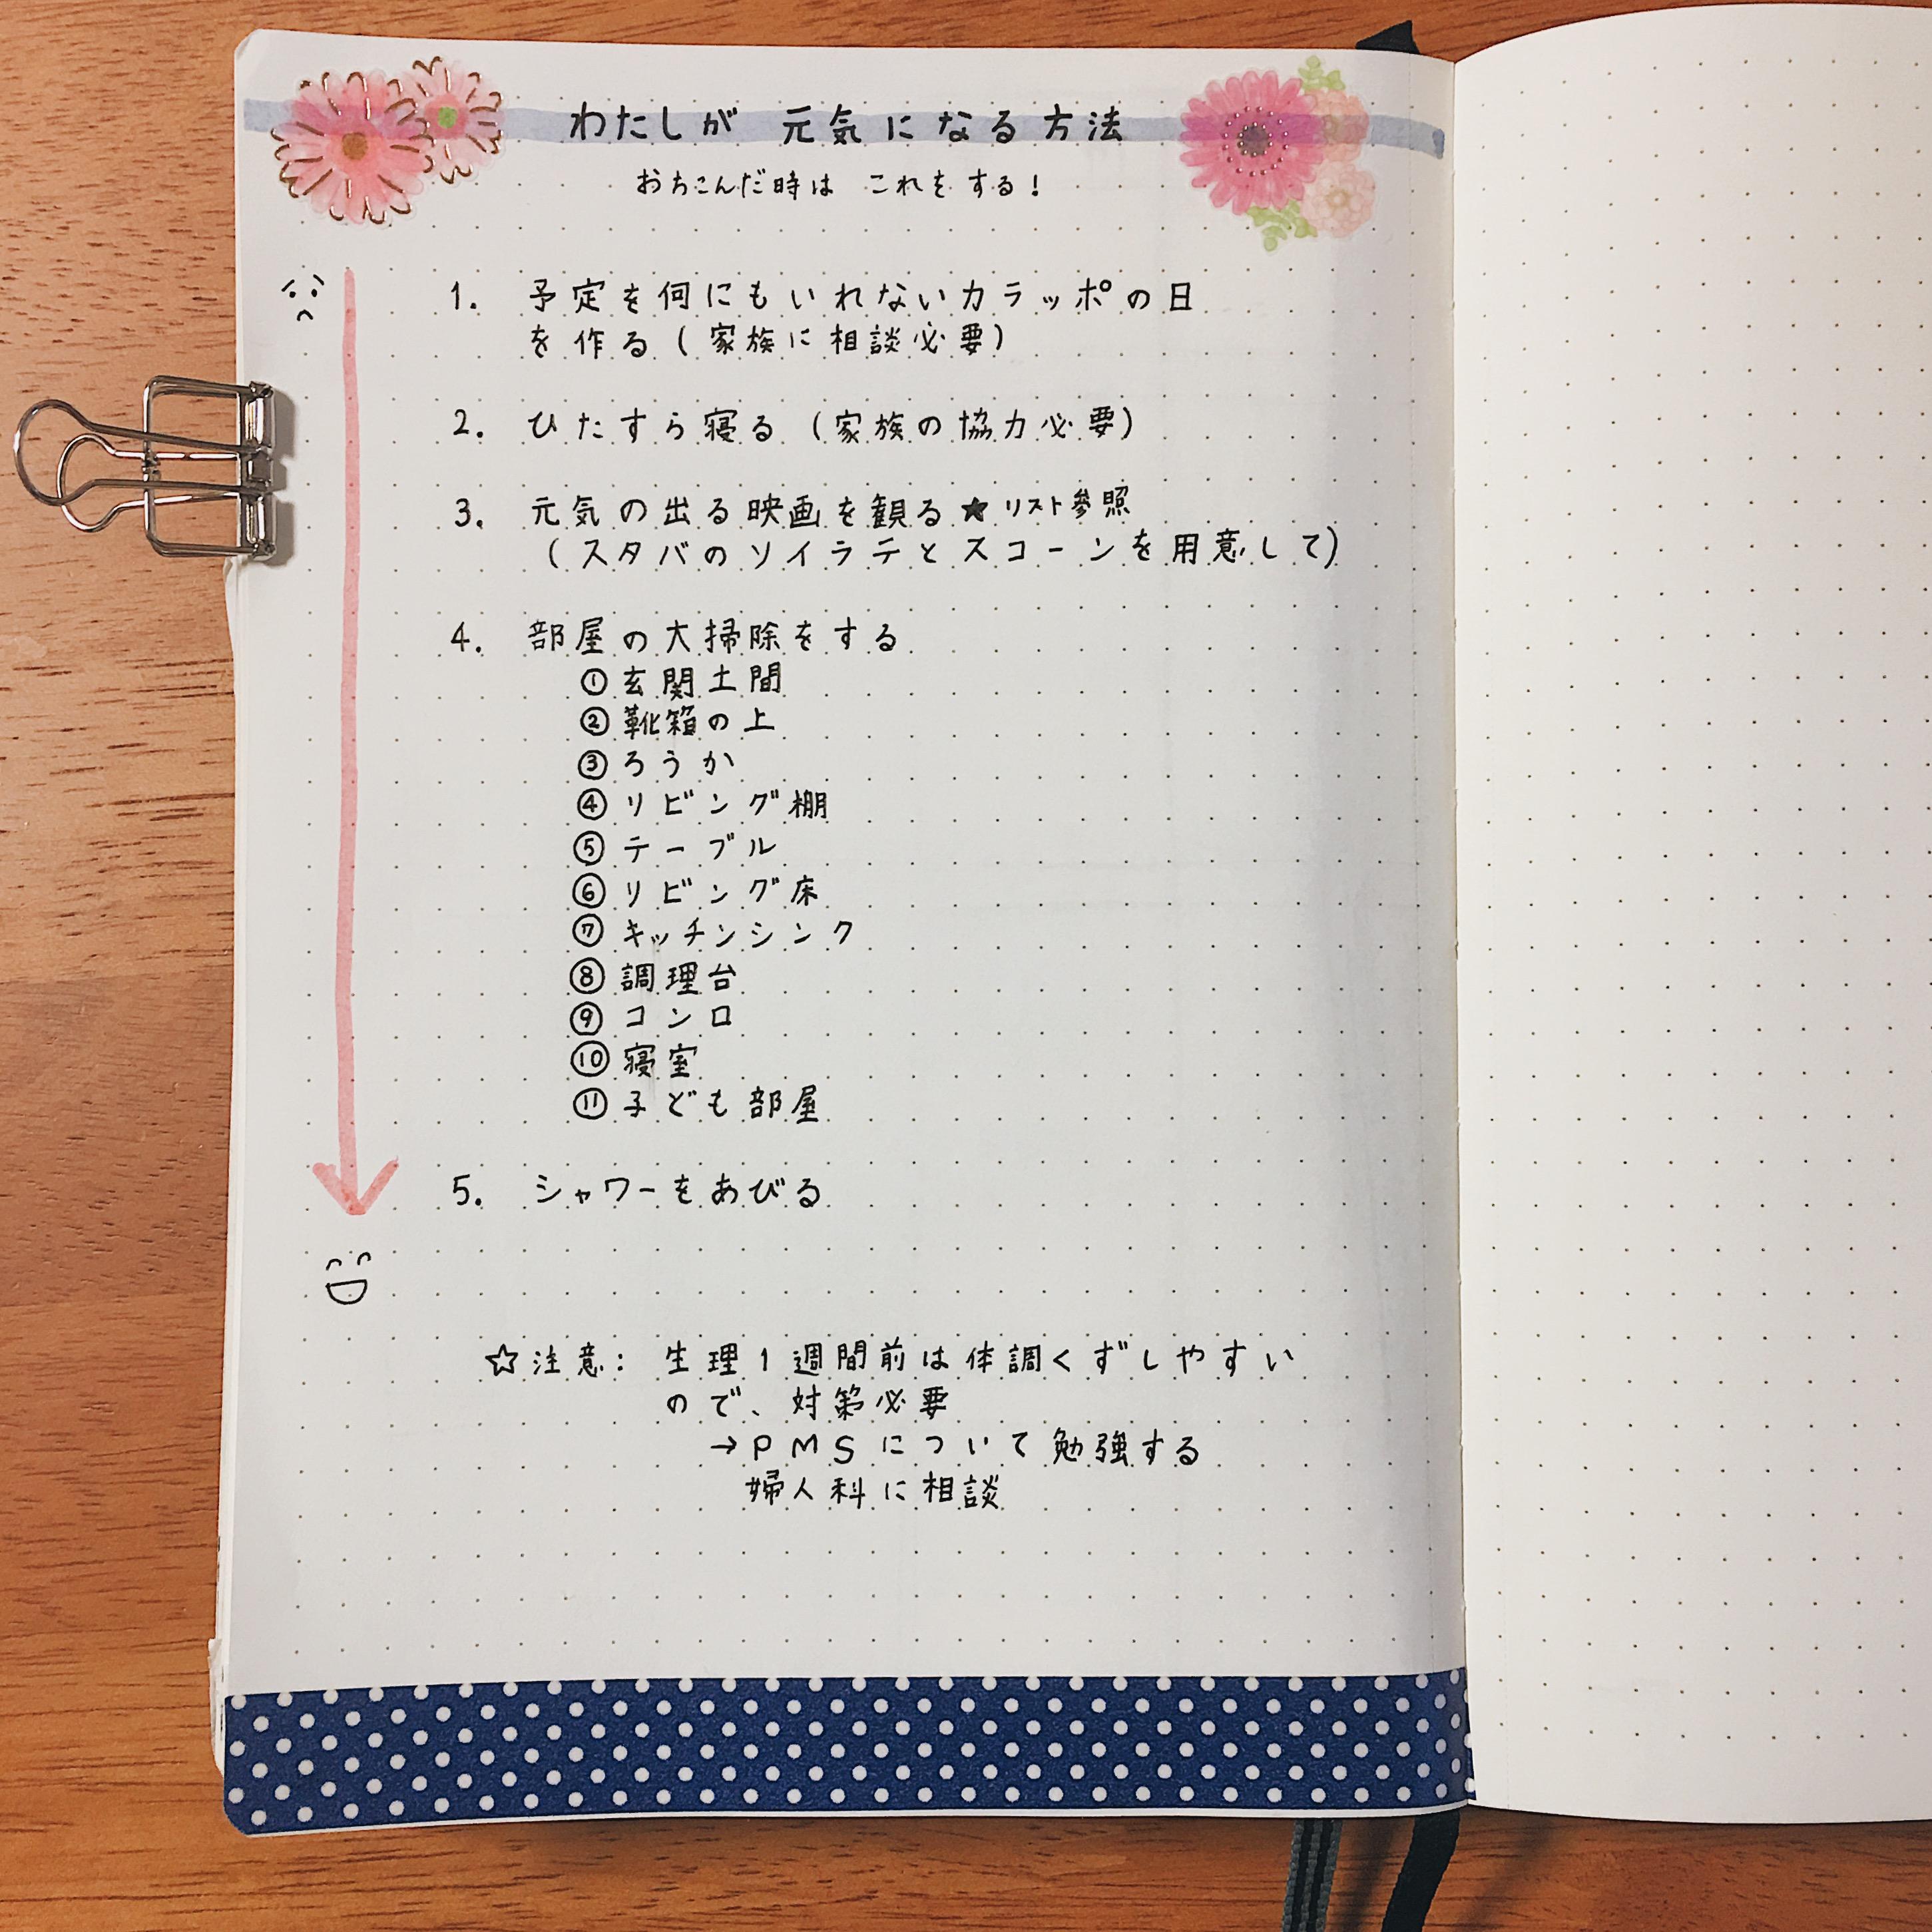 「私が元気になる方法」をノートにまとめました。落ち込んだ時はこれをする!